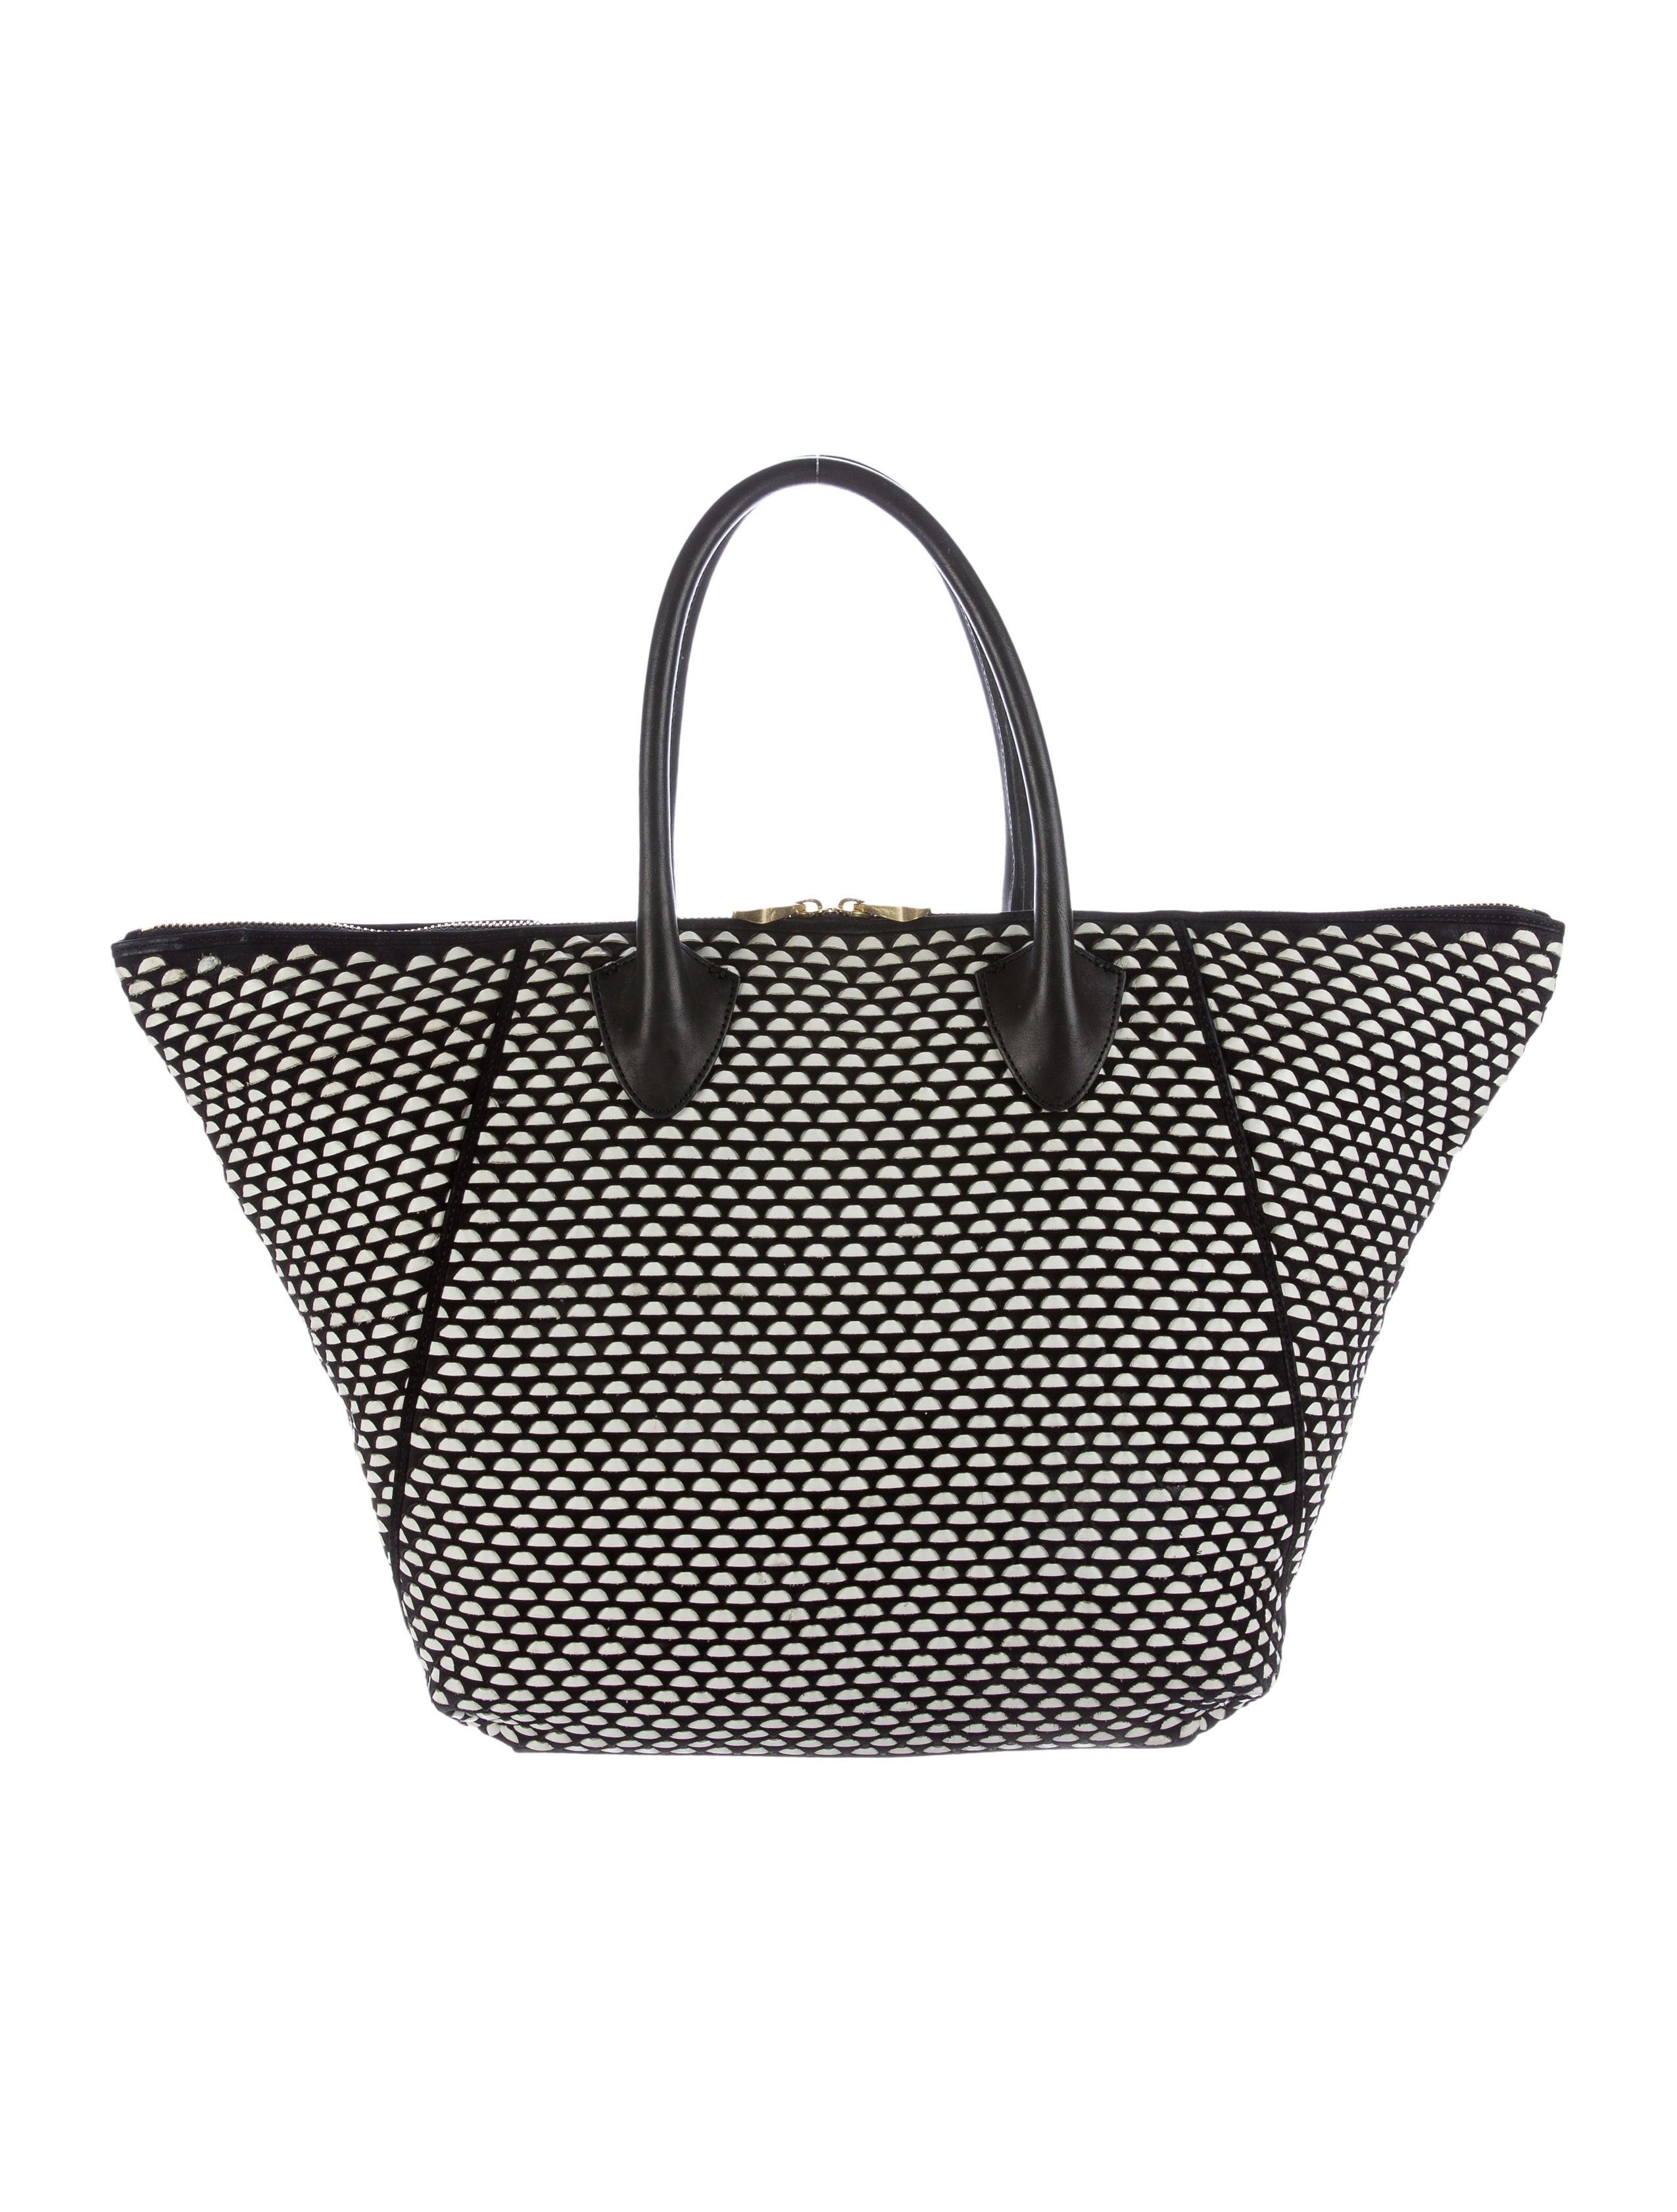 bfd16f04ea4b Pour La Victoire Woven Leather Milano Tote - Handbags - WP020181 ...